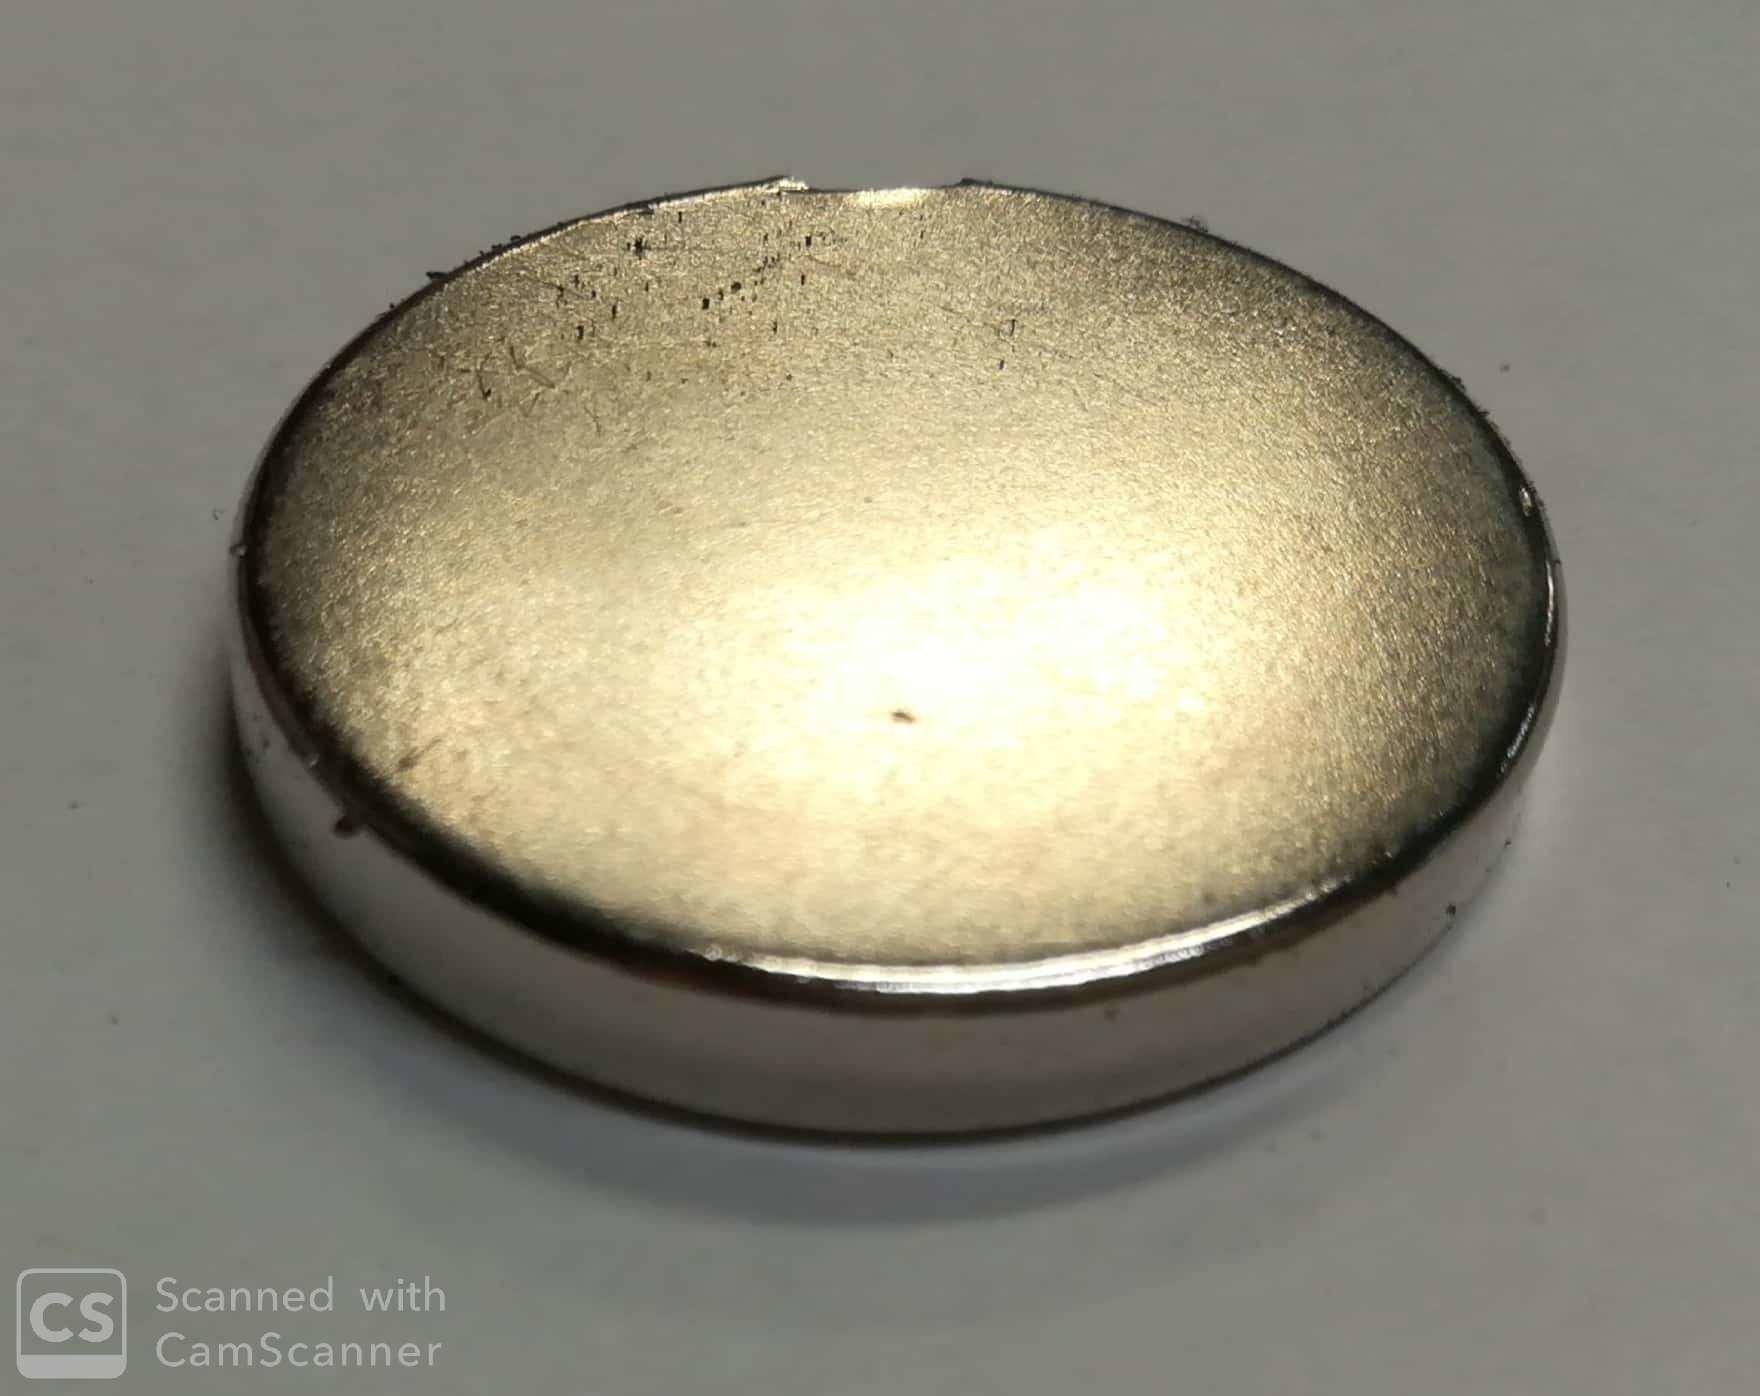 Calamita neodimio tonda mm 30 x 5 forza 13,0 Kg